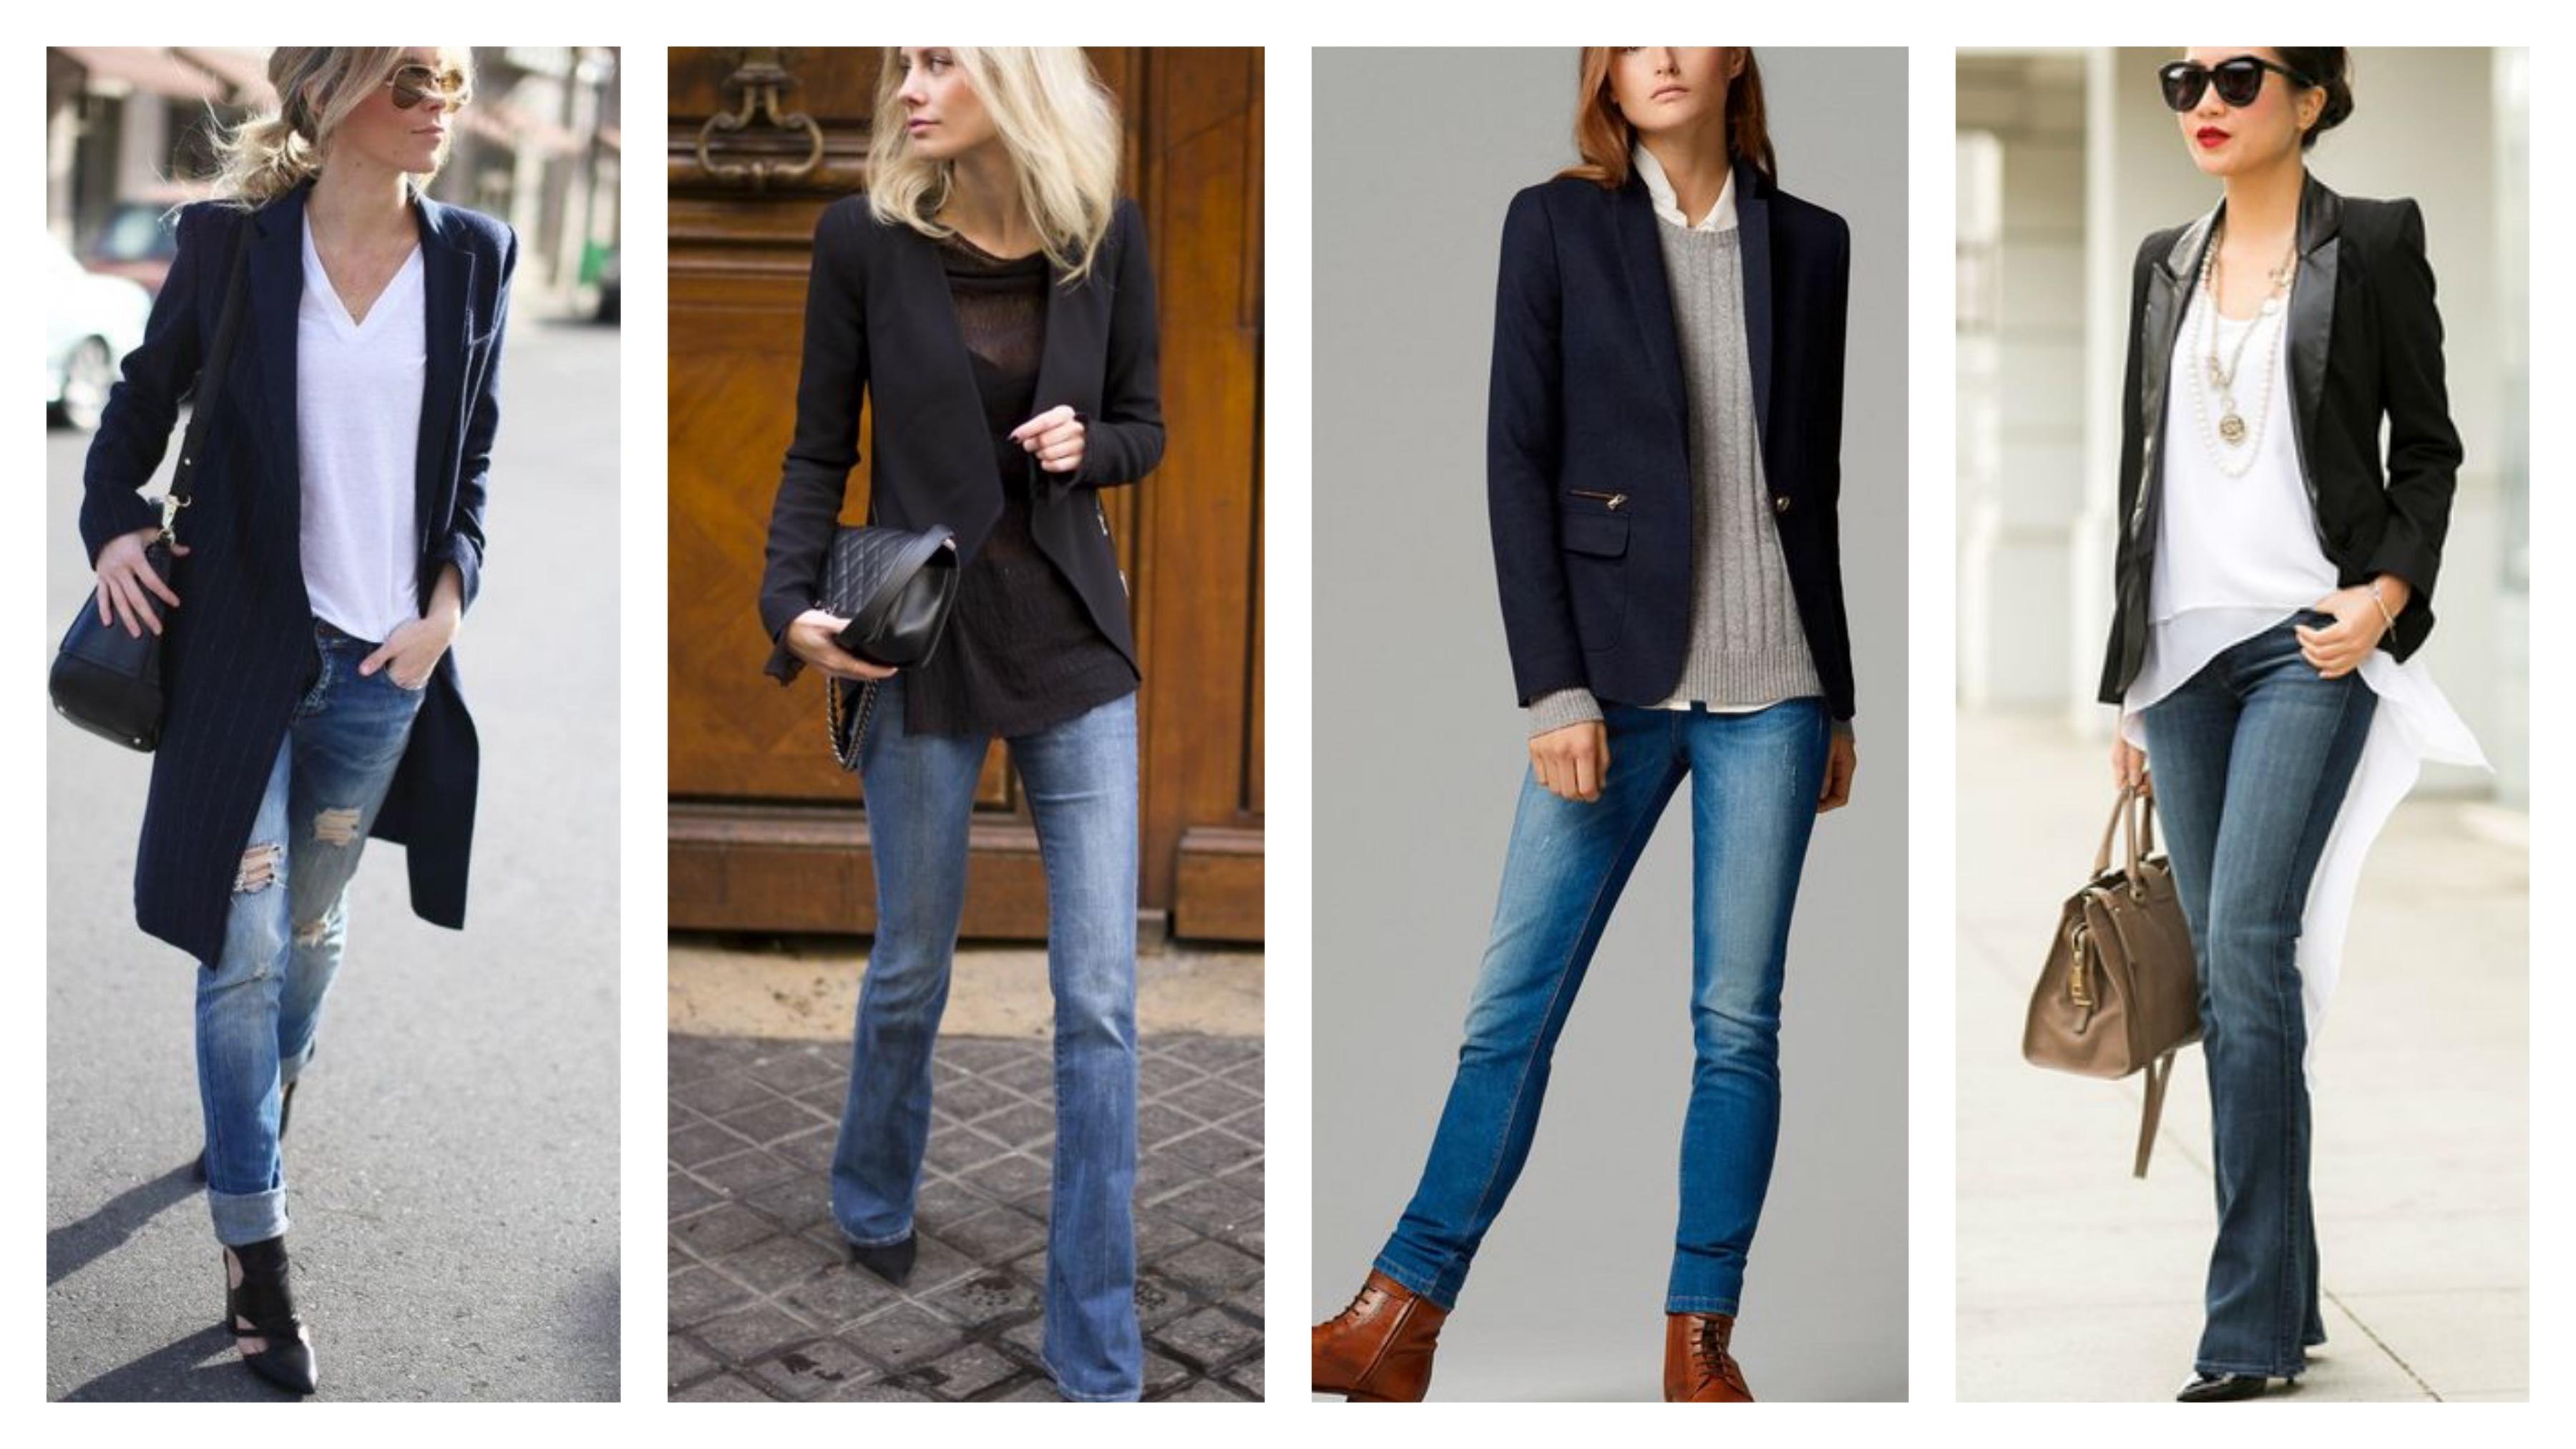 джинсы и черный классический пиджак